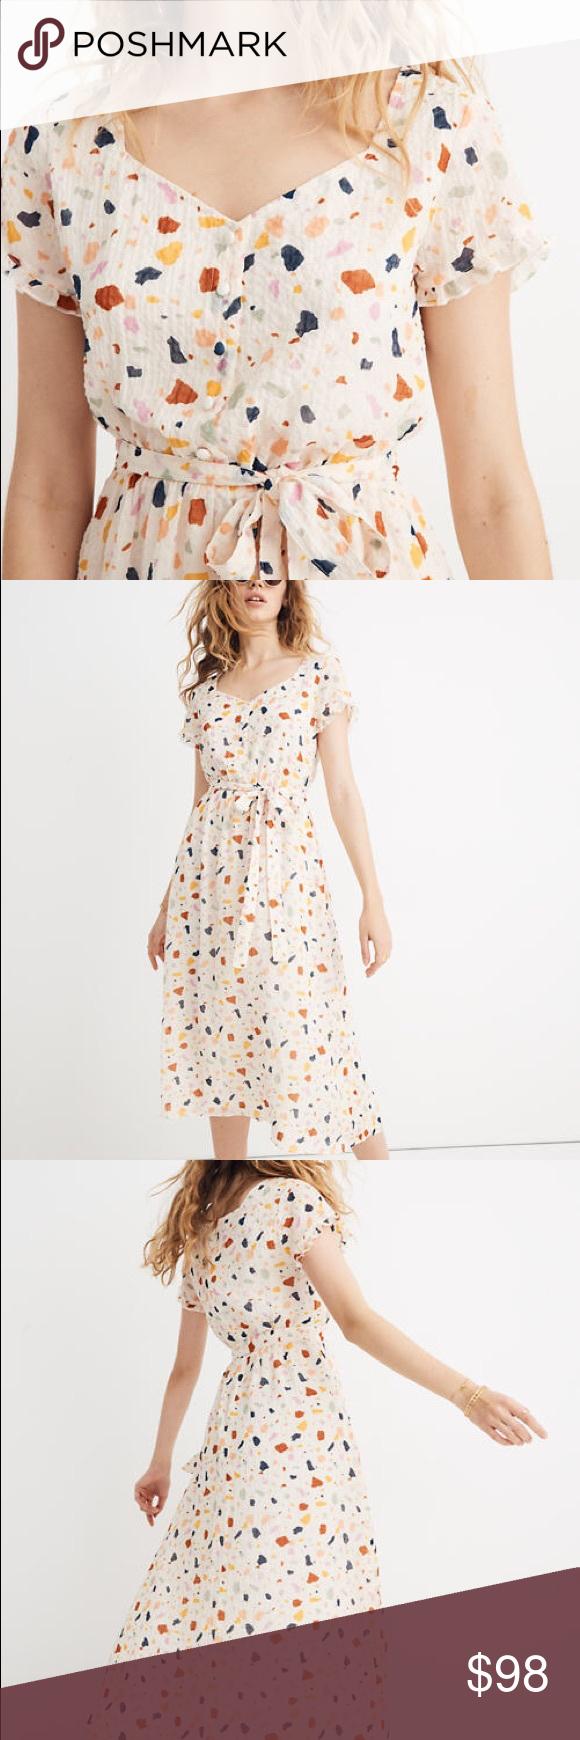 Madewell Terrazzo Tie Waist Midi Dress Dresses Midi Dress Madewell Dresses [ 1740 x 580 Pixel ]